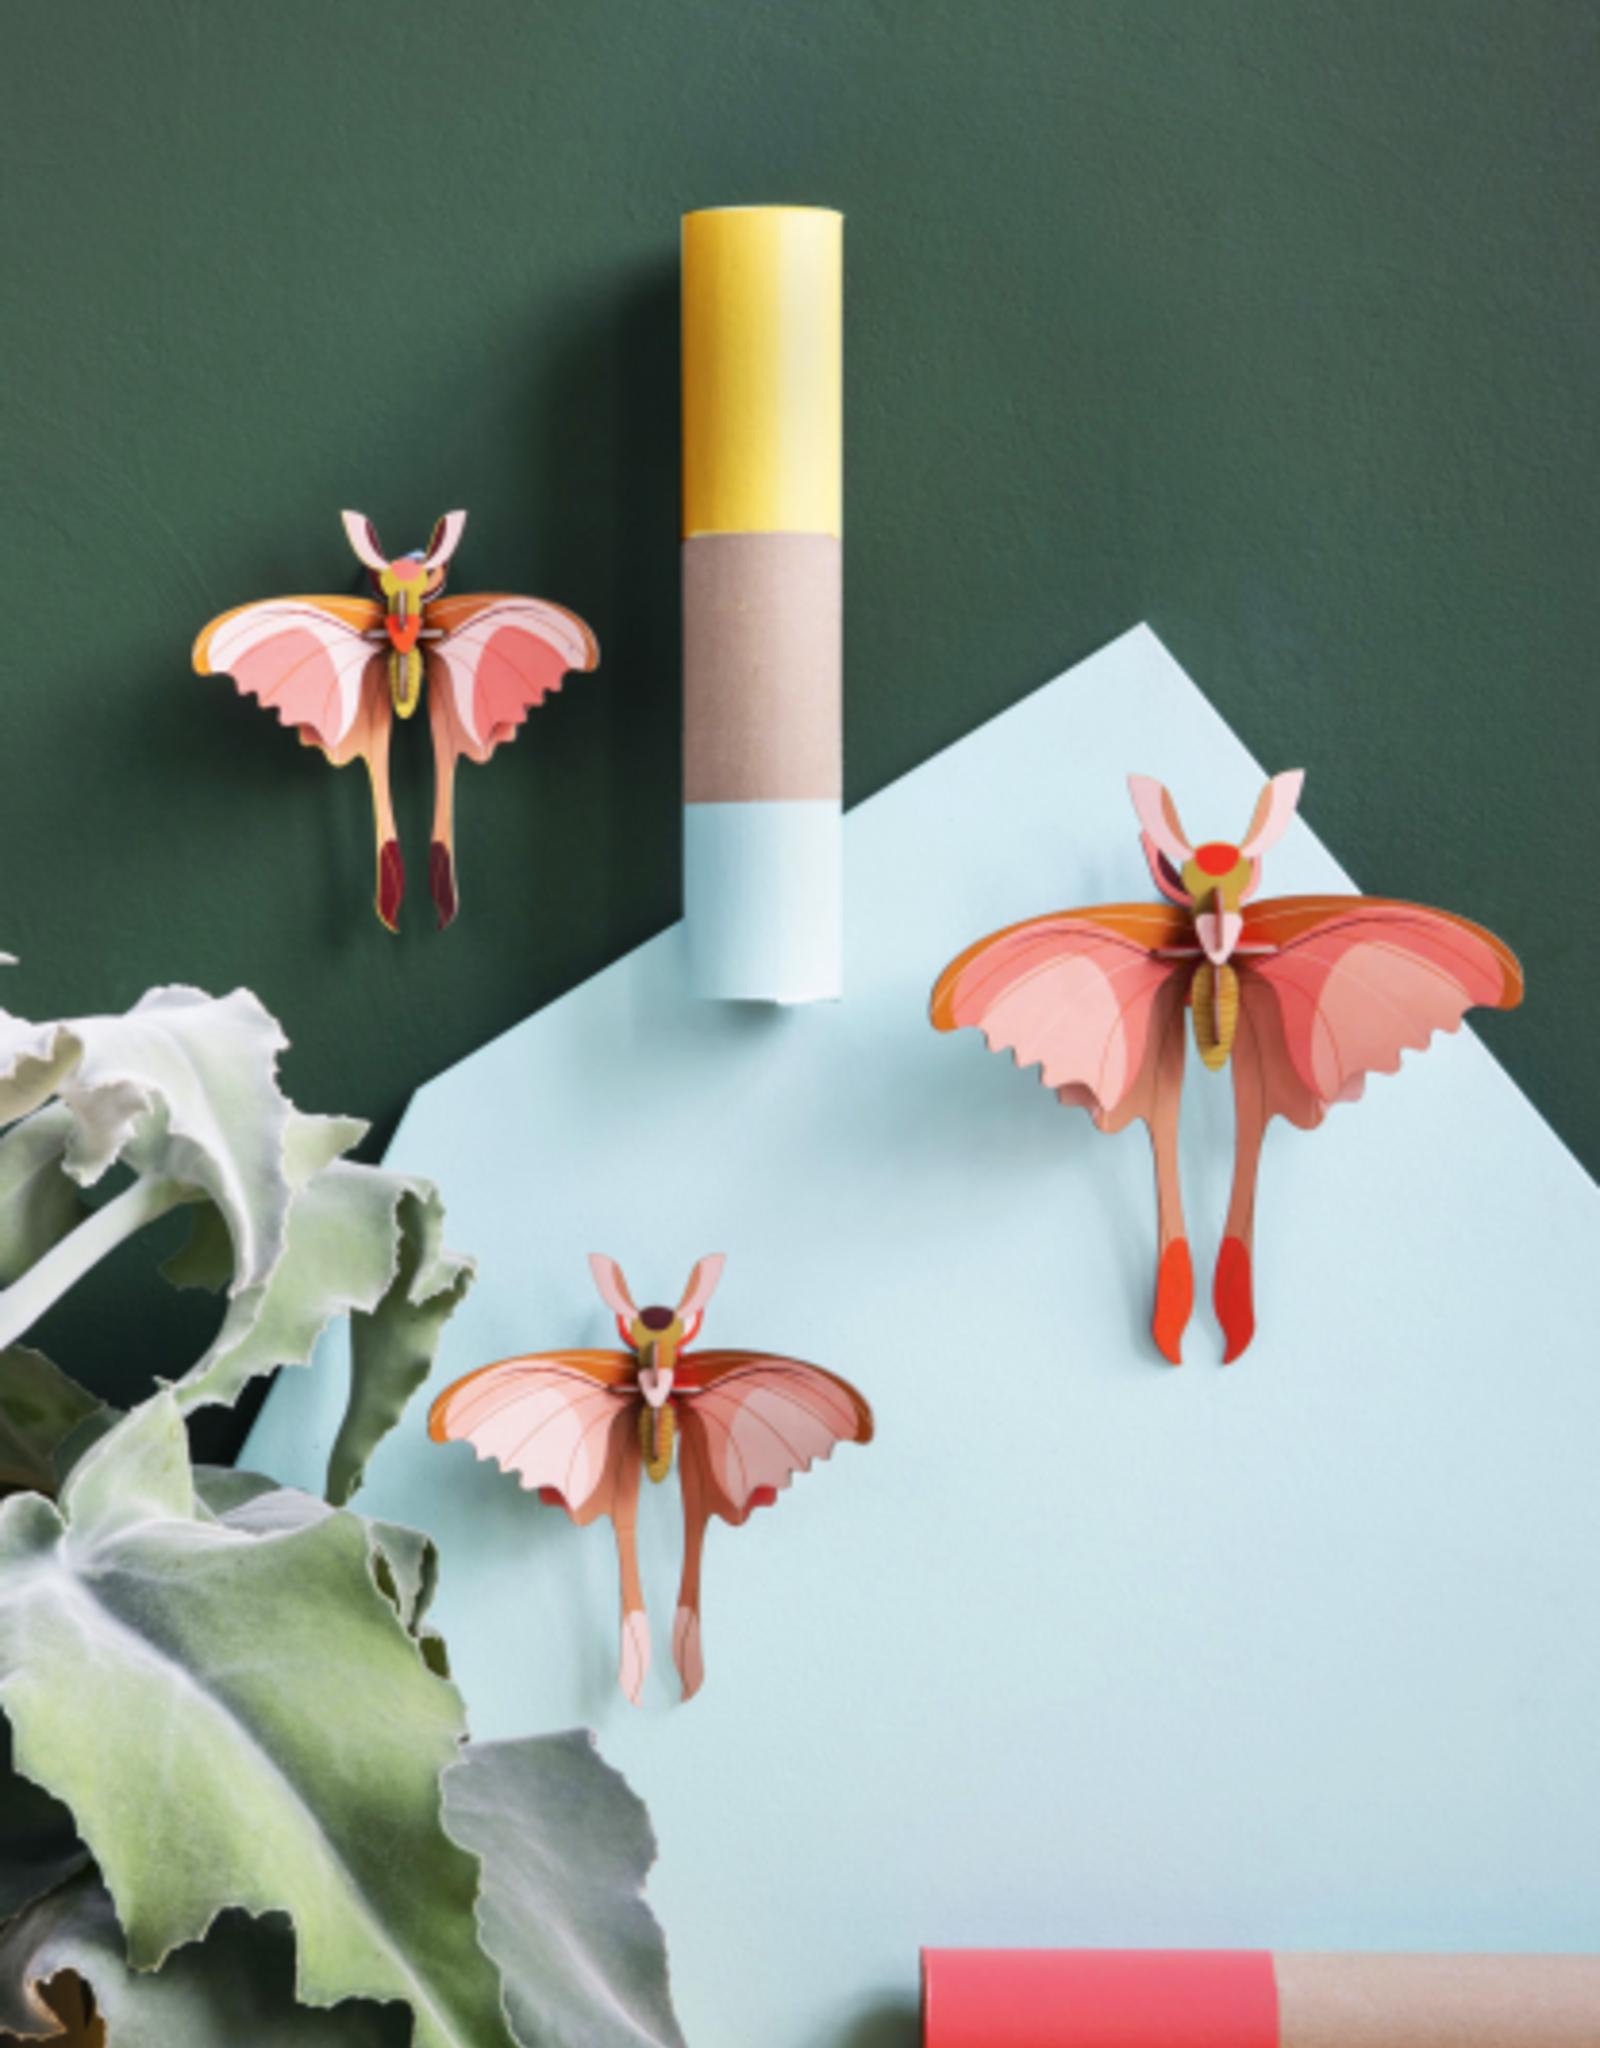 Studioroof Wall Decor Comet Butterflies (set of 3)